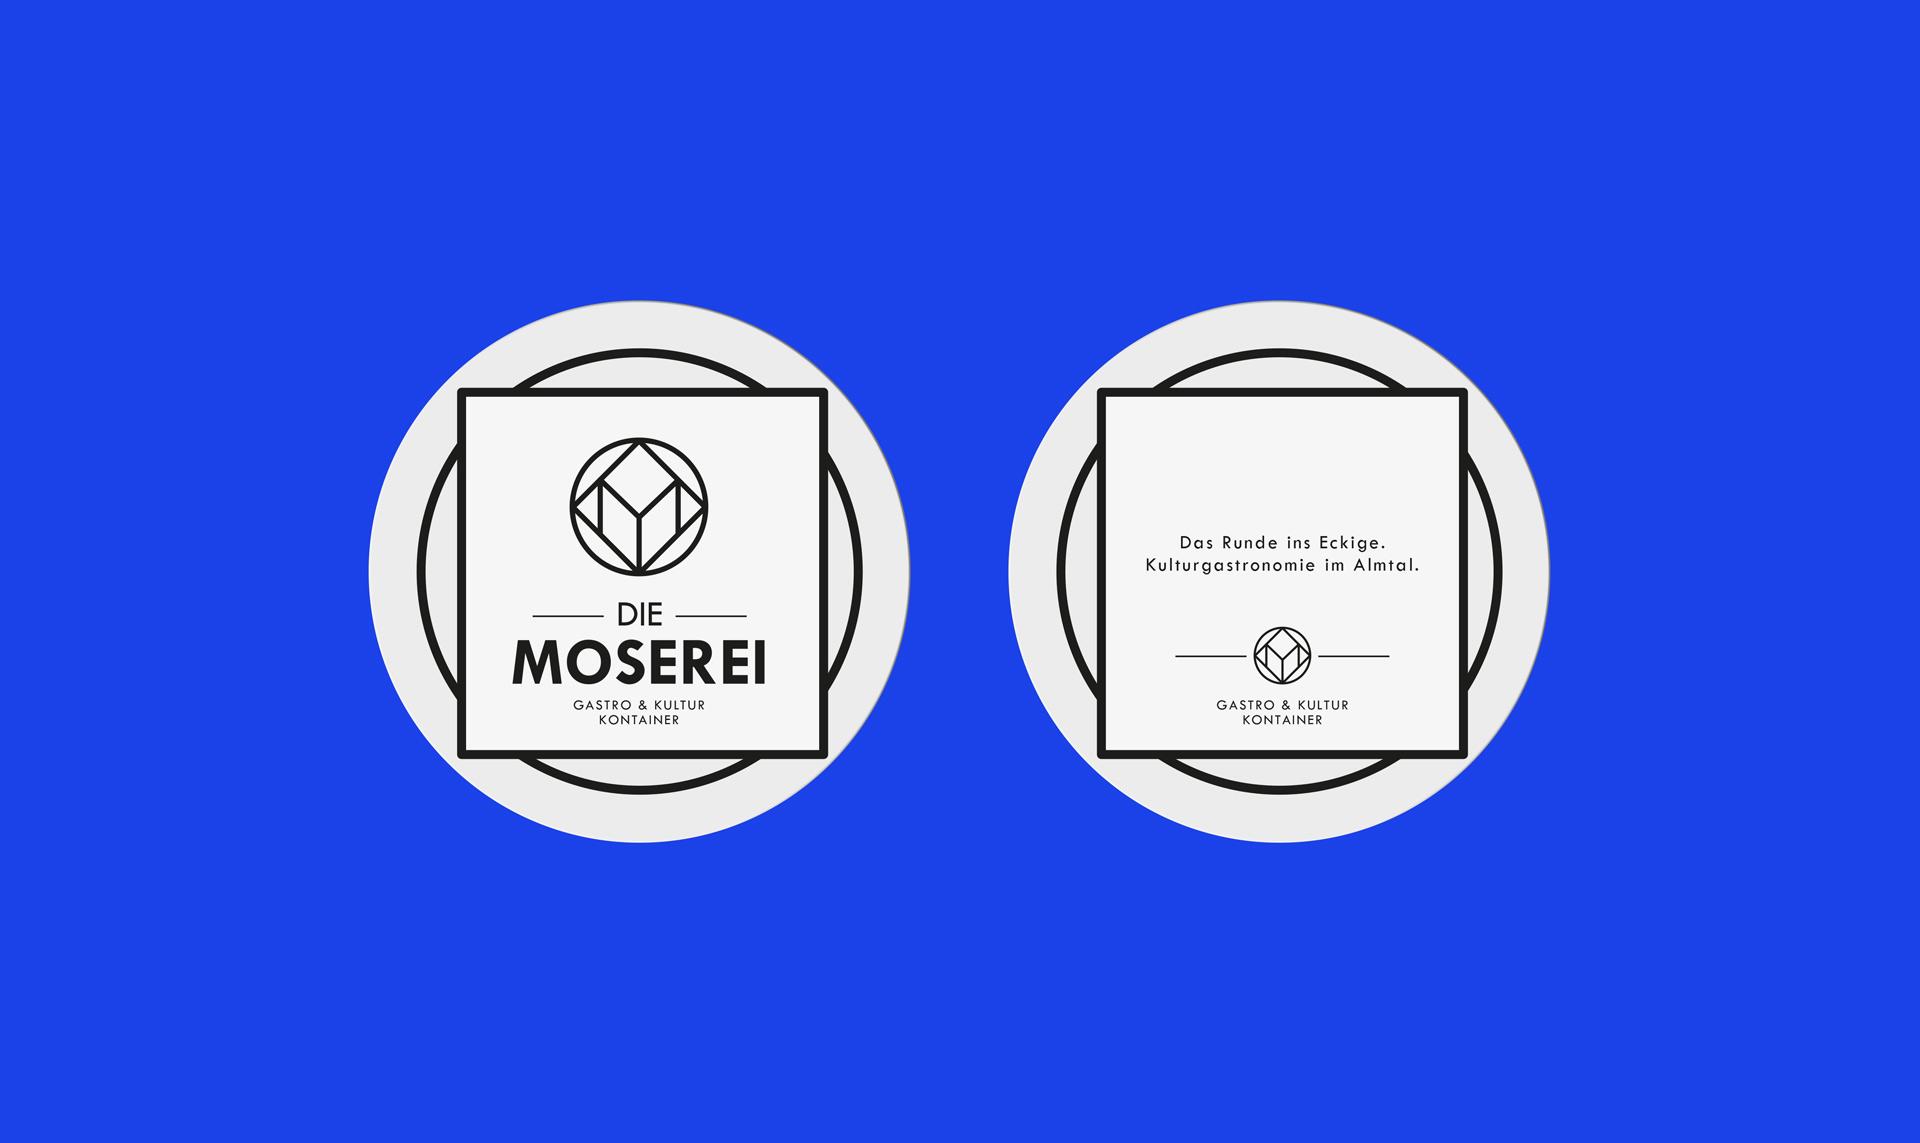 die-moserei-anti-form-papier_grafik-bierdeckel-kreativ-gestalten3